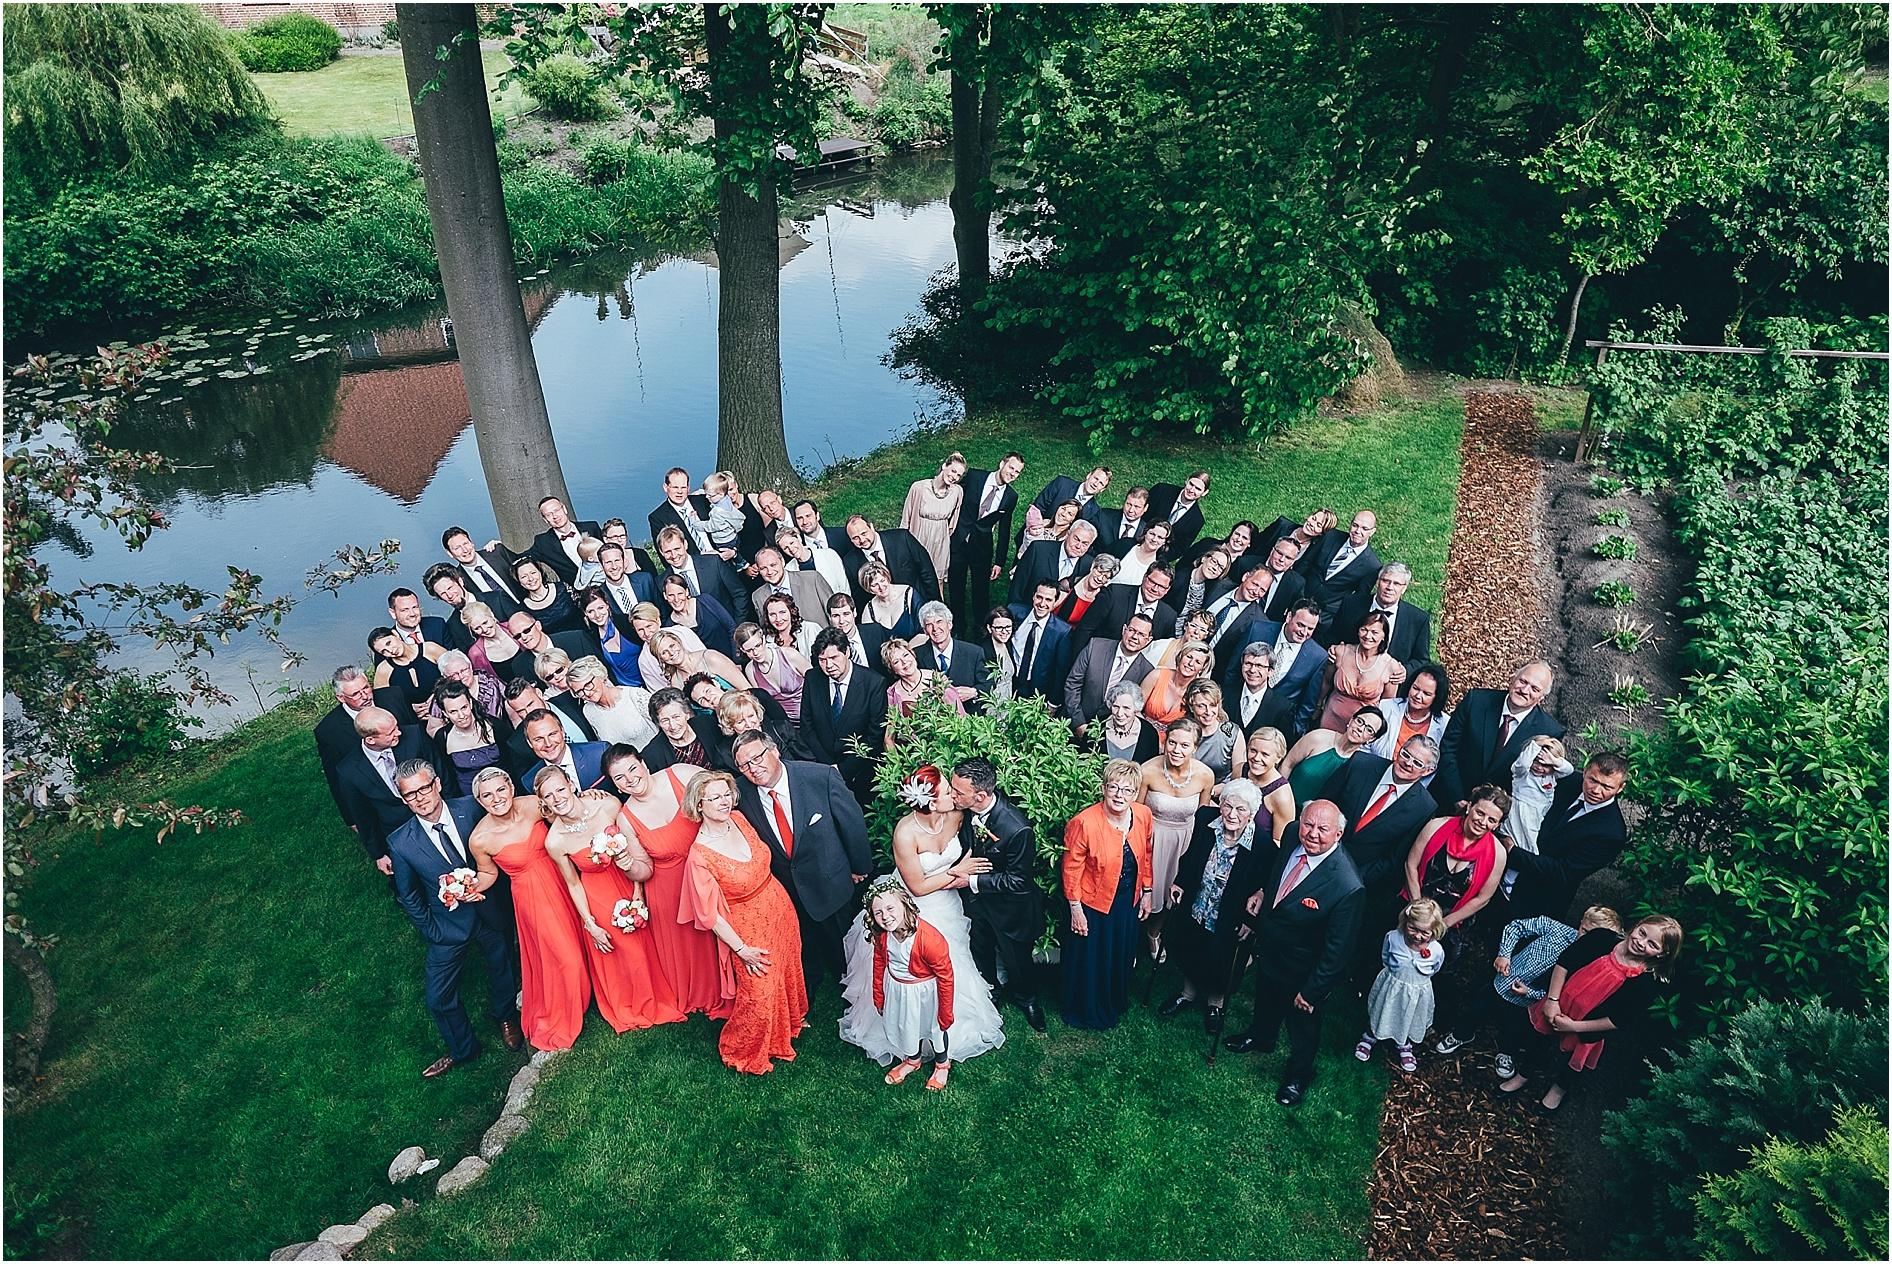 2015-10-27_0067 Tine & Chrischan - Hochzeitsfilm & Fotos in Lüneburg